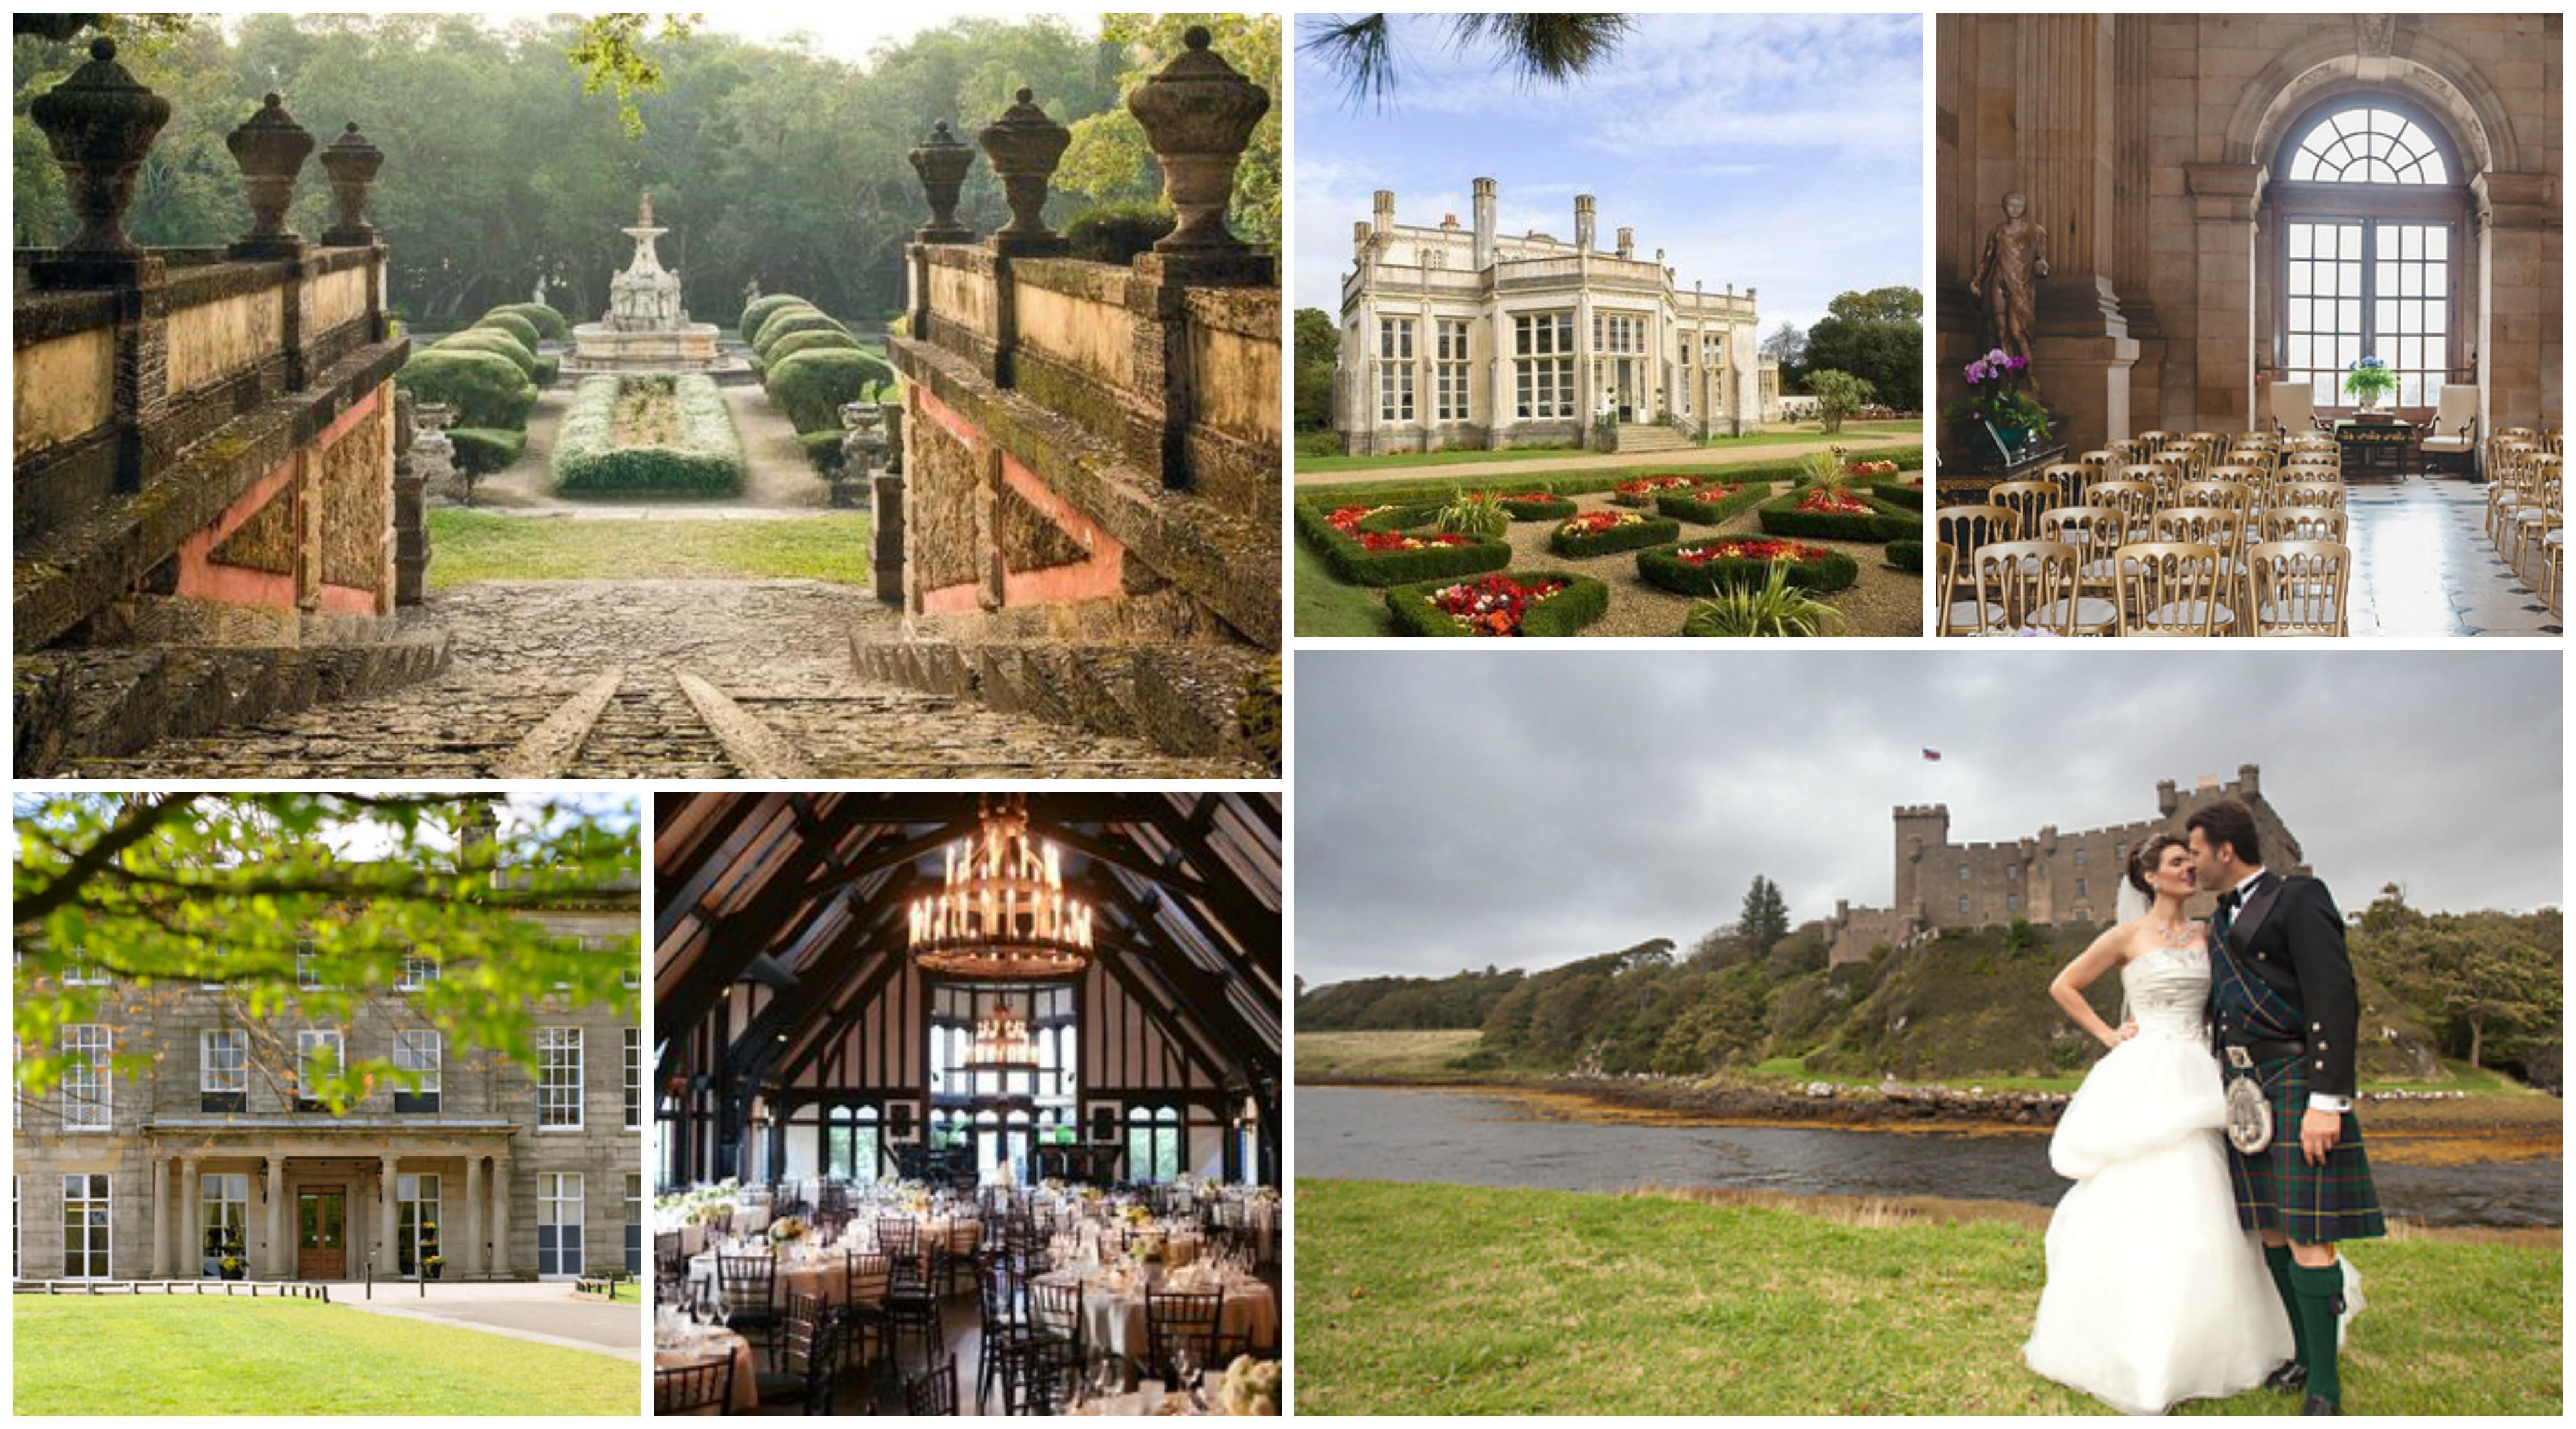 bridebook.co.uk collage of wedding venues